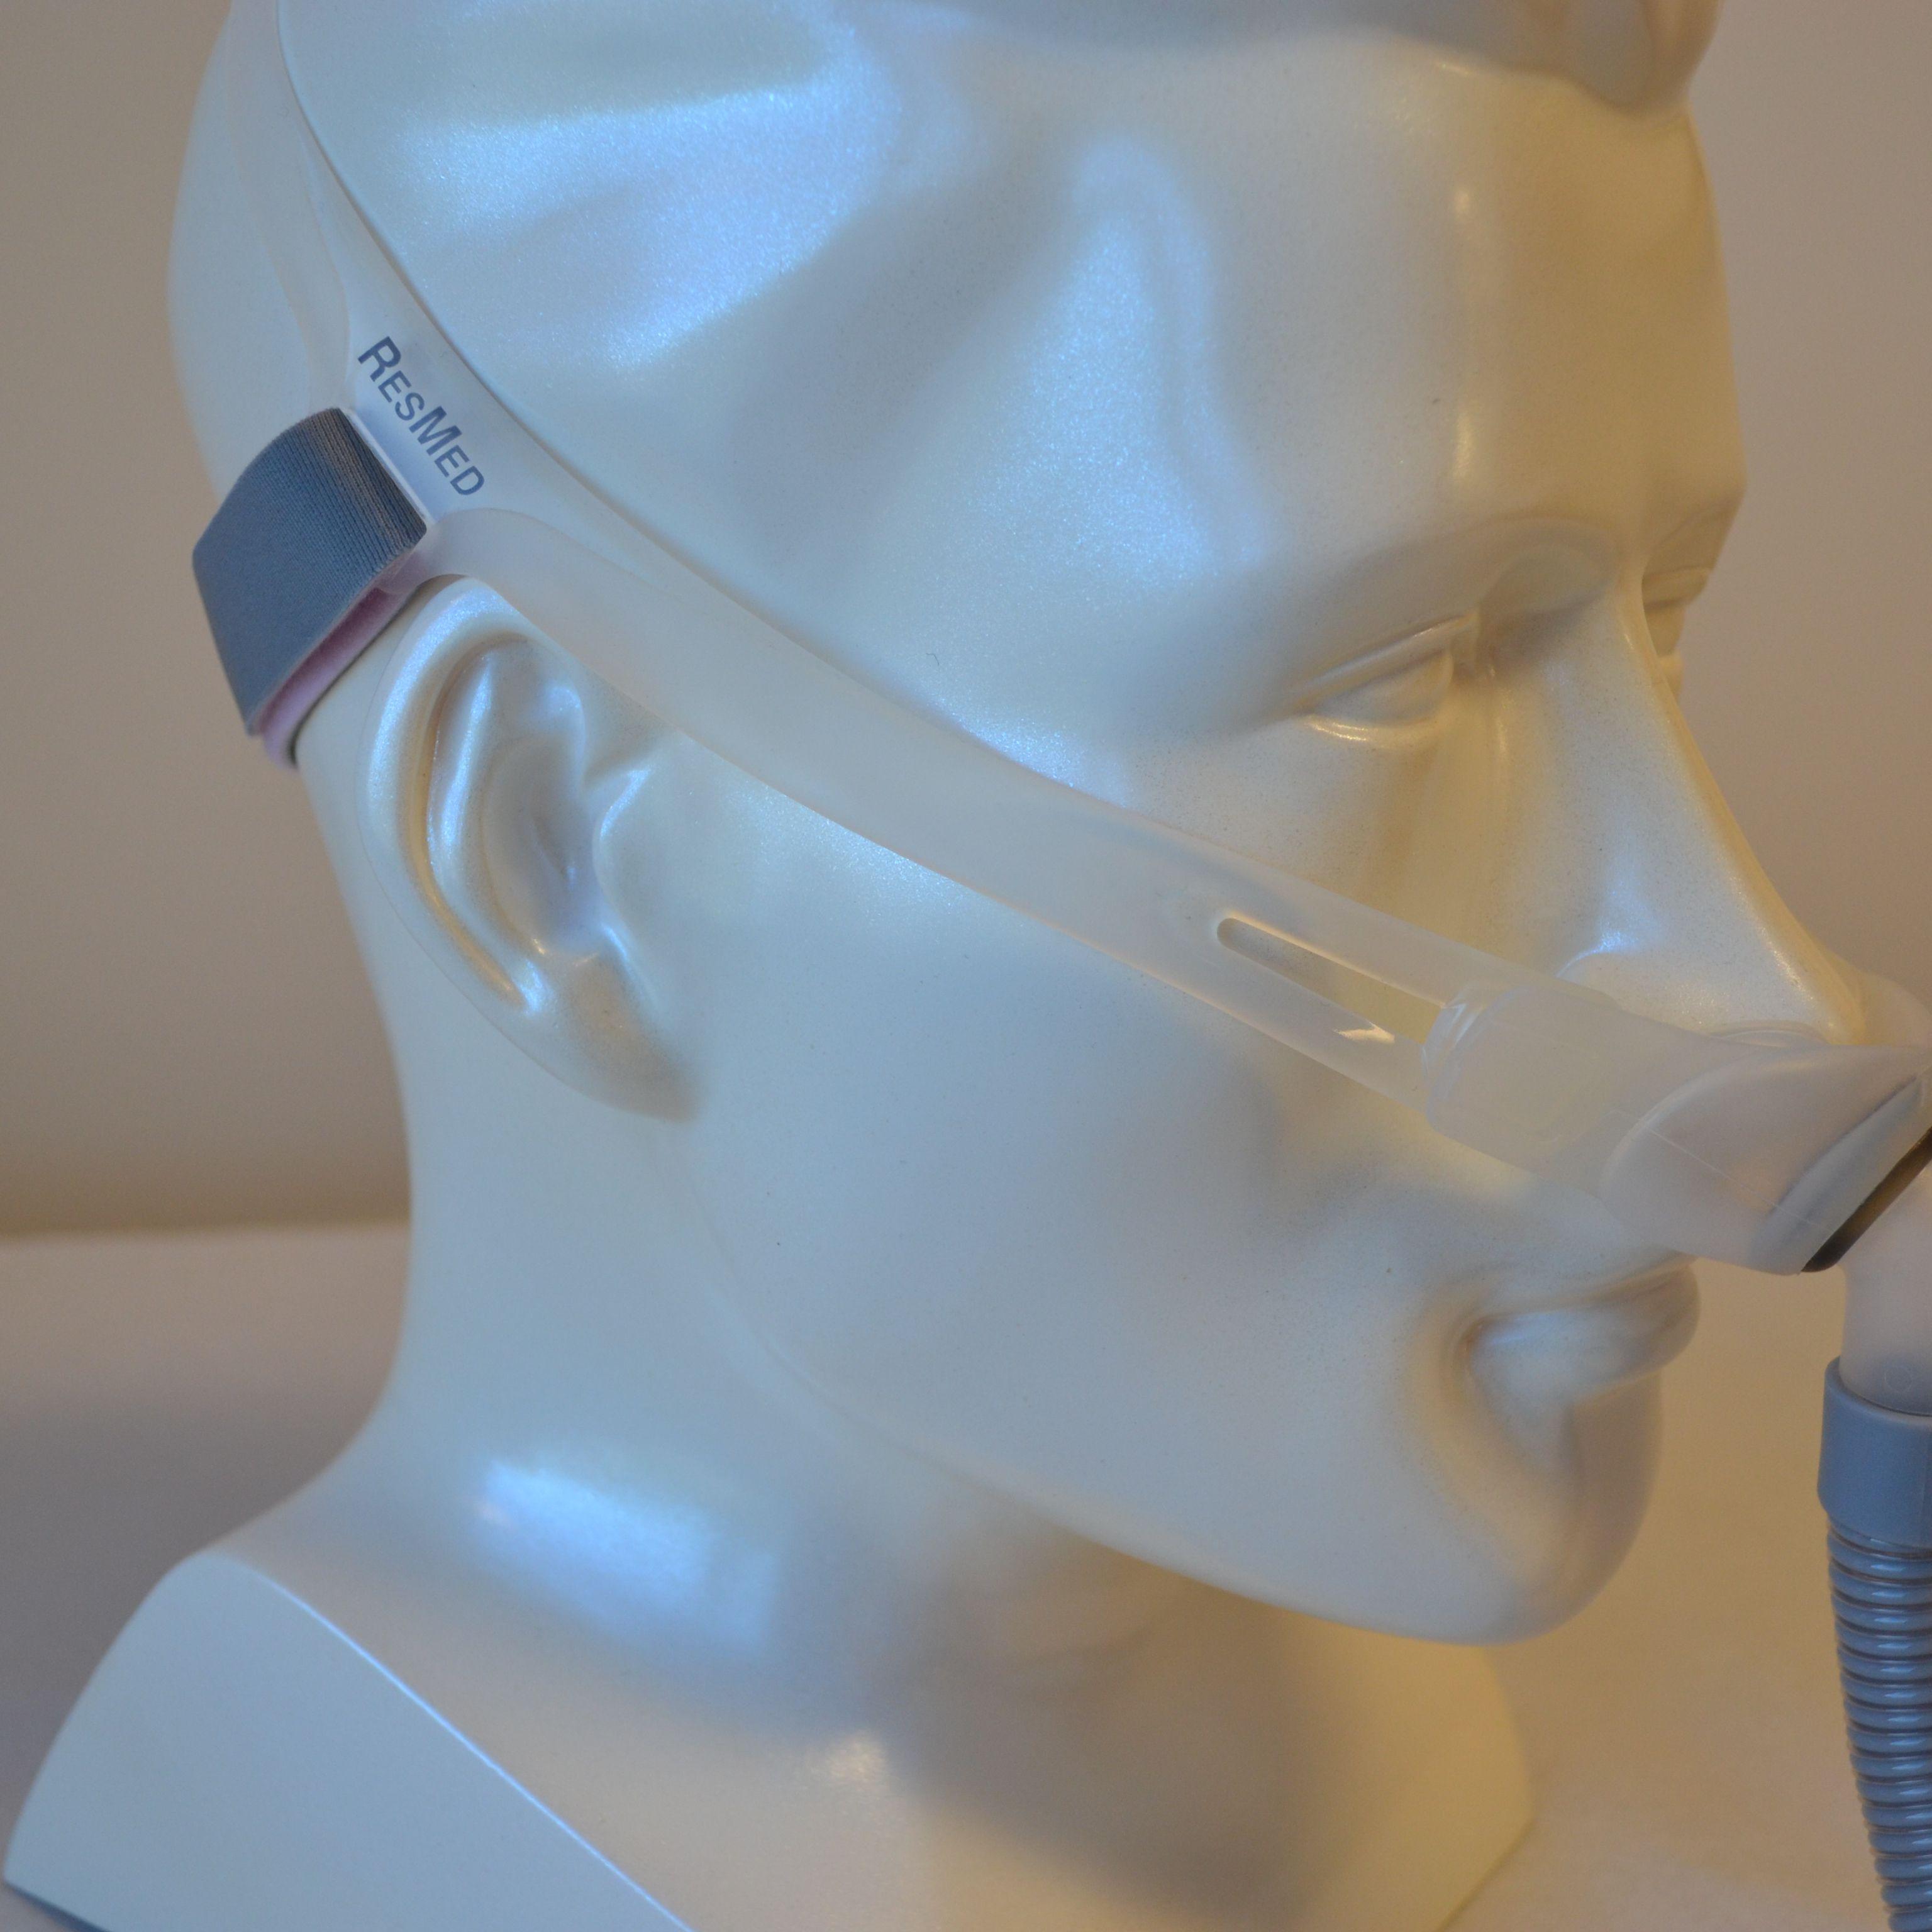 cpap nasal pillows for sleep apnea